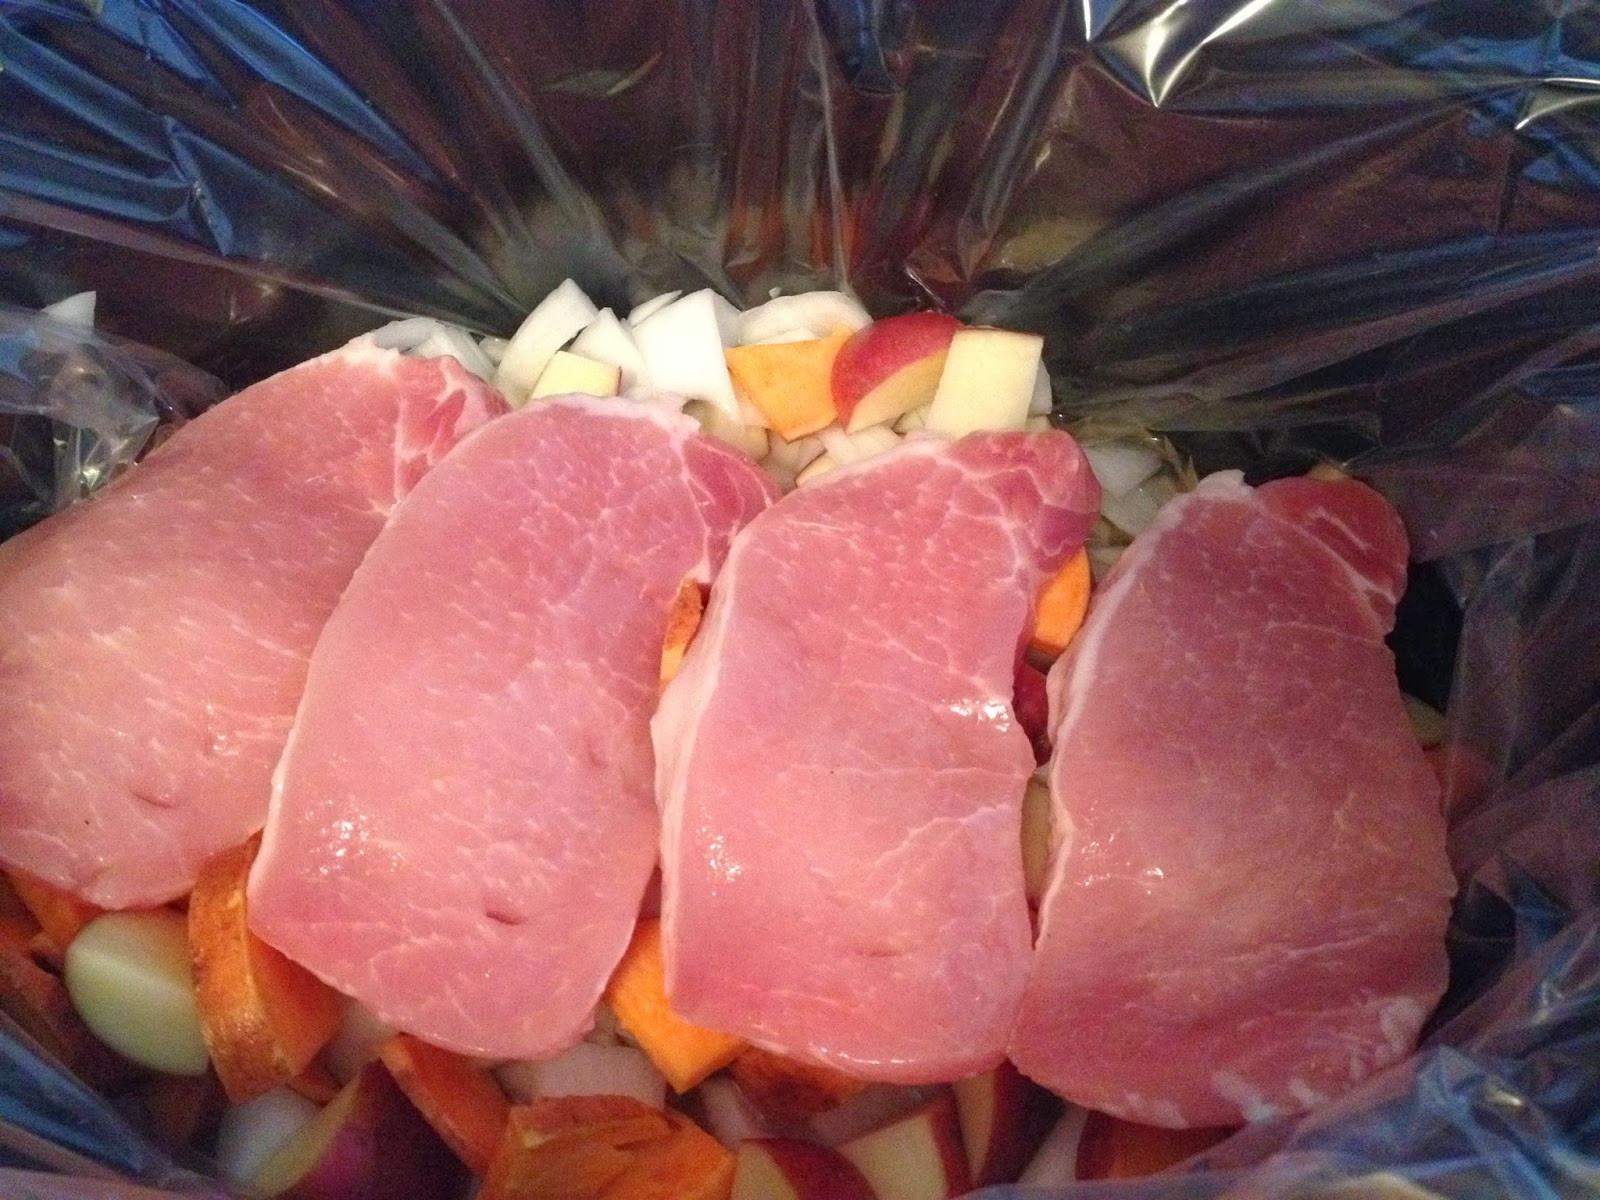 Low Calorie Pork Recipes  The Simple Life Low Calorie Crockpot Pork Chops